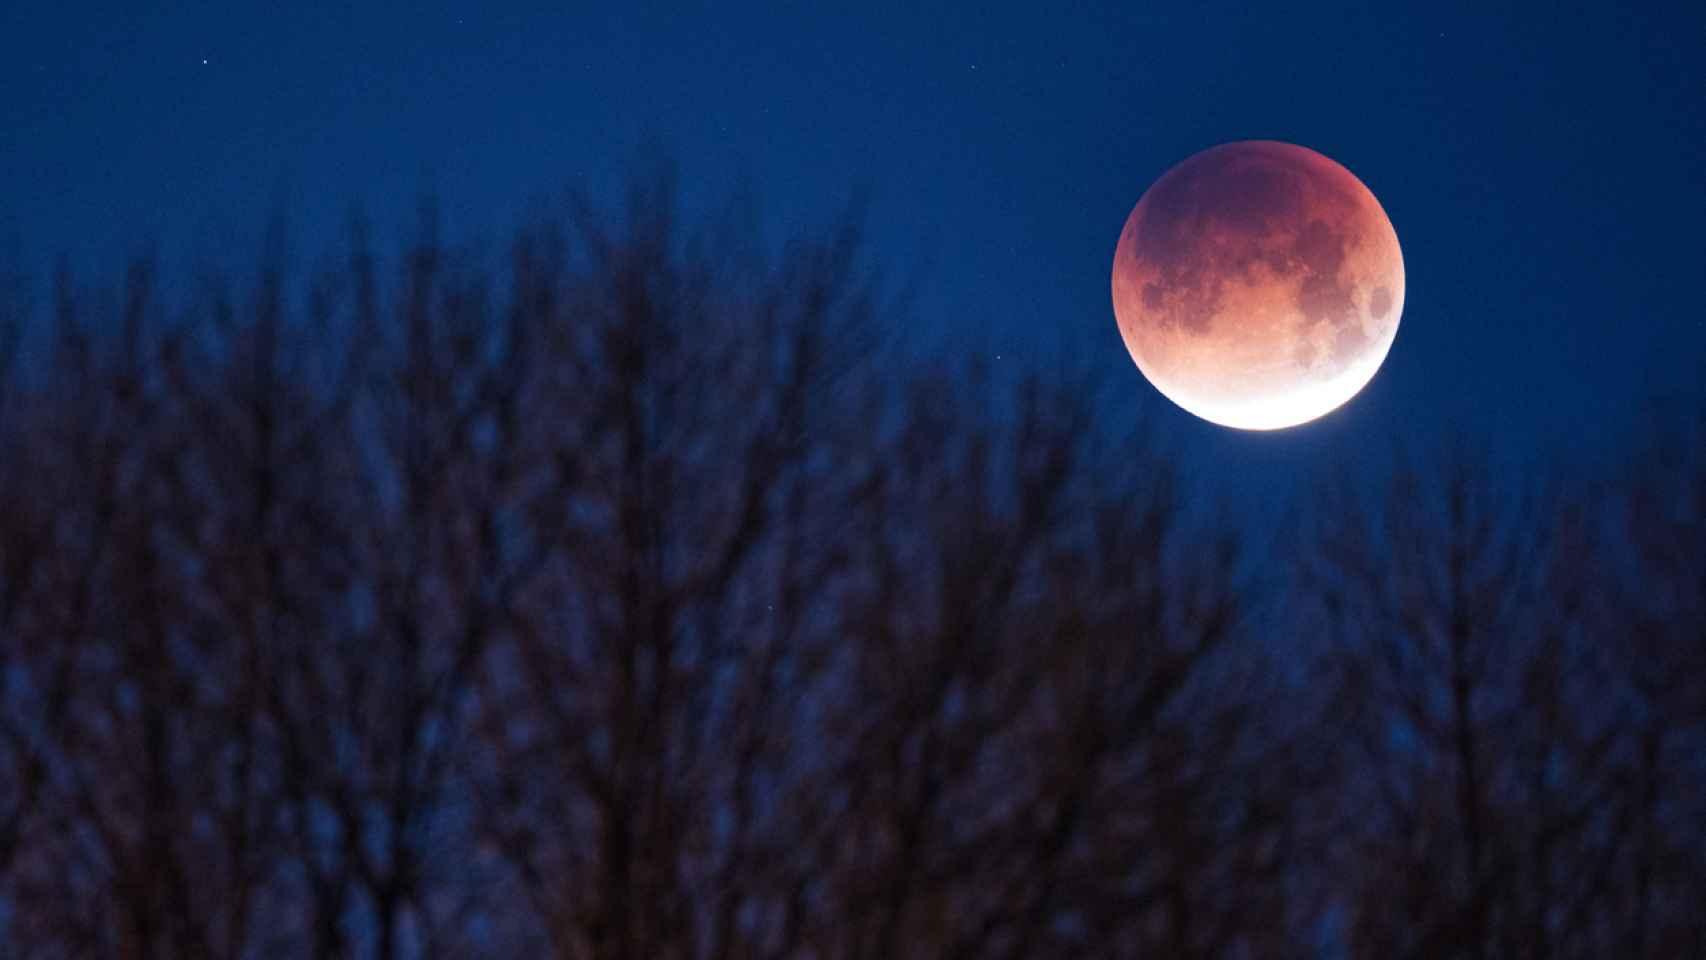 Este viernes hay 'Luna de sangre' y, por supuesto, se acaba el mundo